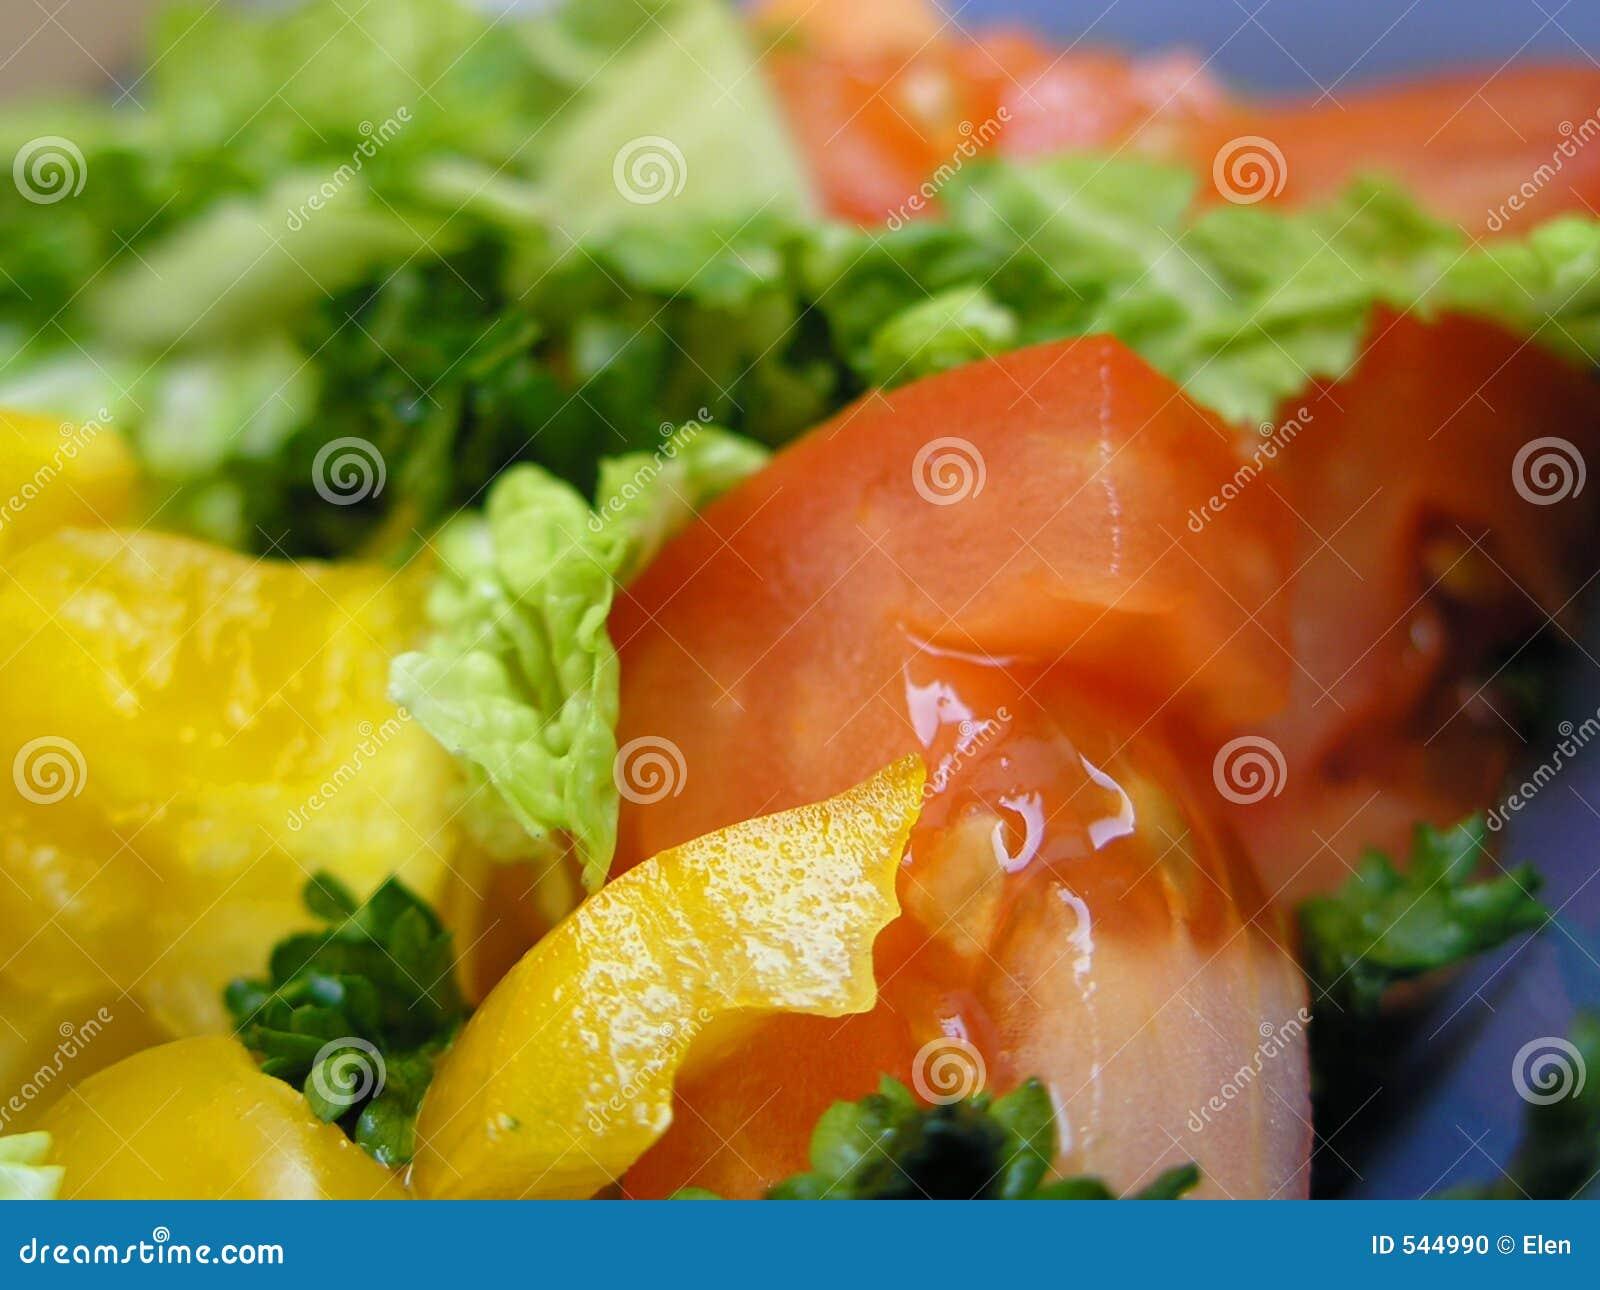 Download 饮食成份沙拉 库存照片. 图片 包括有 春天, 荷兰芹, 关闭, 沙拉, 健康, 黄色, 胡椒, 可口, 附属程序 - 544990